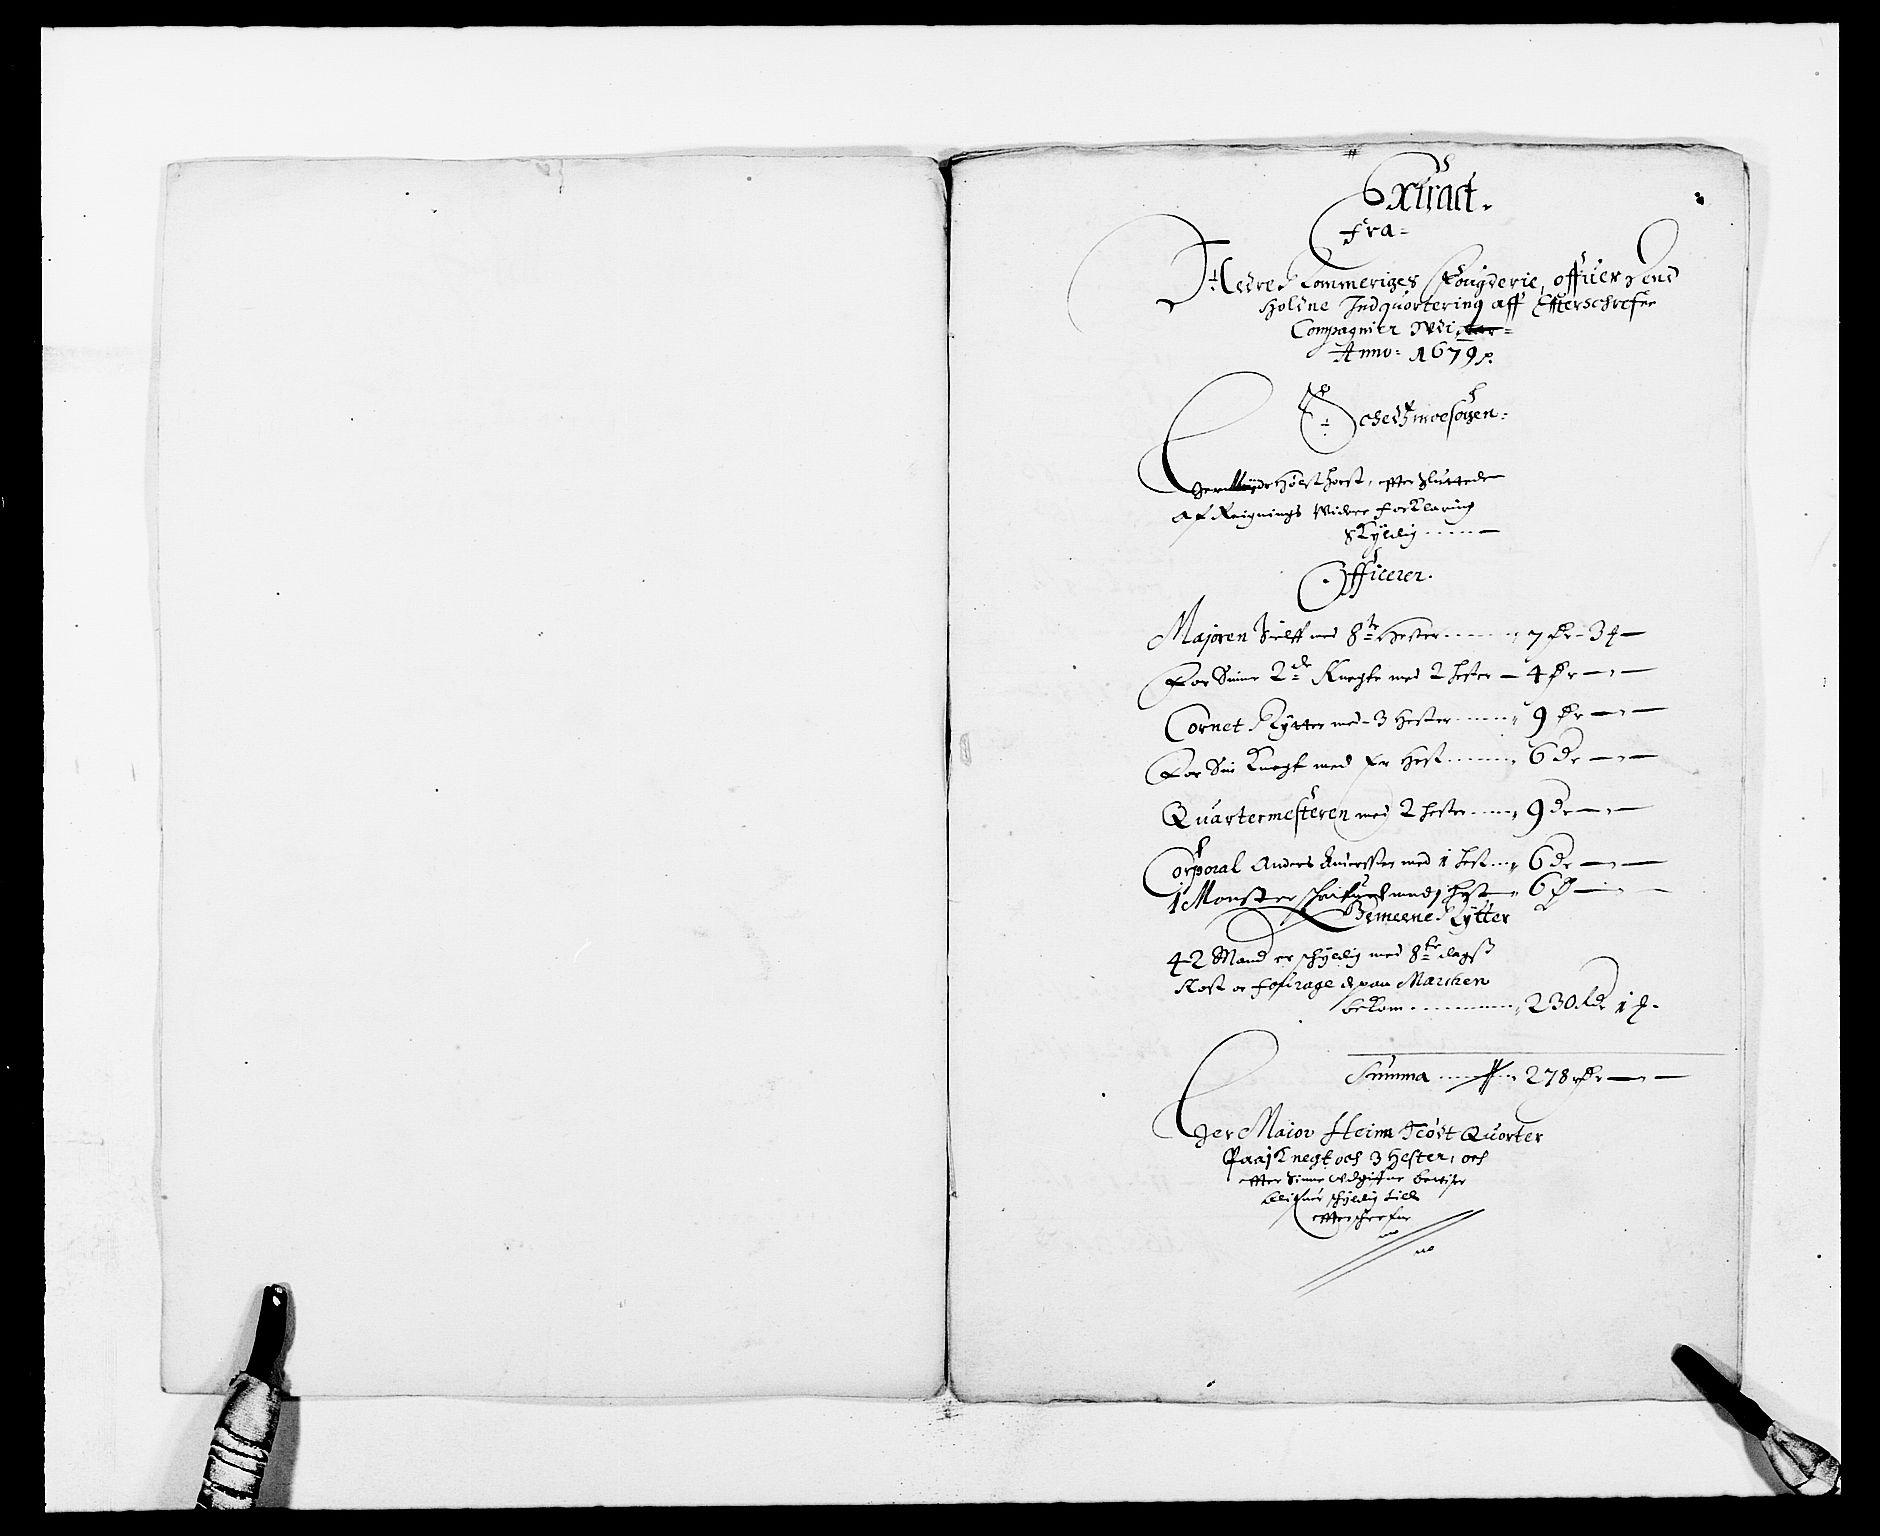 RA, Rentekammeret inntil 1814, Reviderte regnskaper, Fogderegnskap, R11/L0568: Fogderegnskap Nedre Romerike, 1679, s. 228